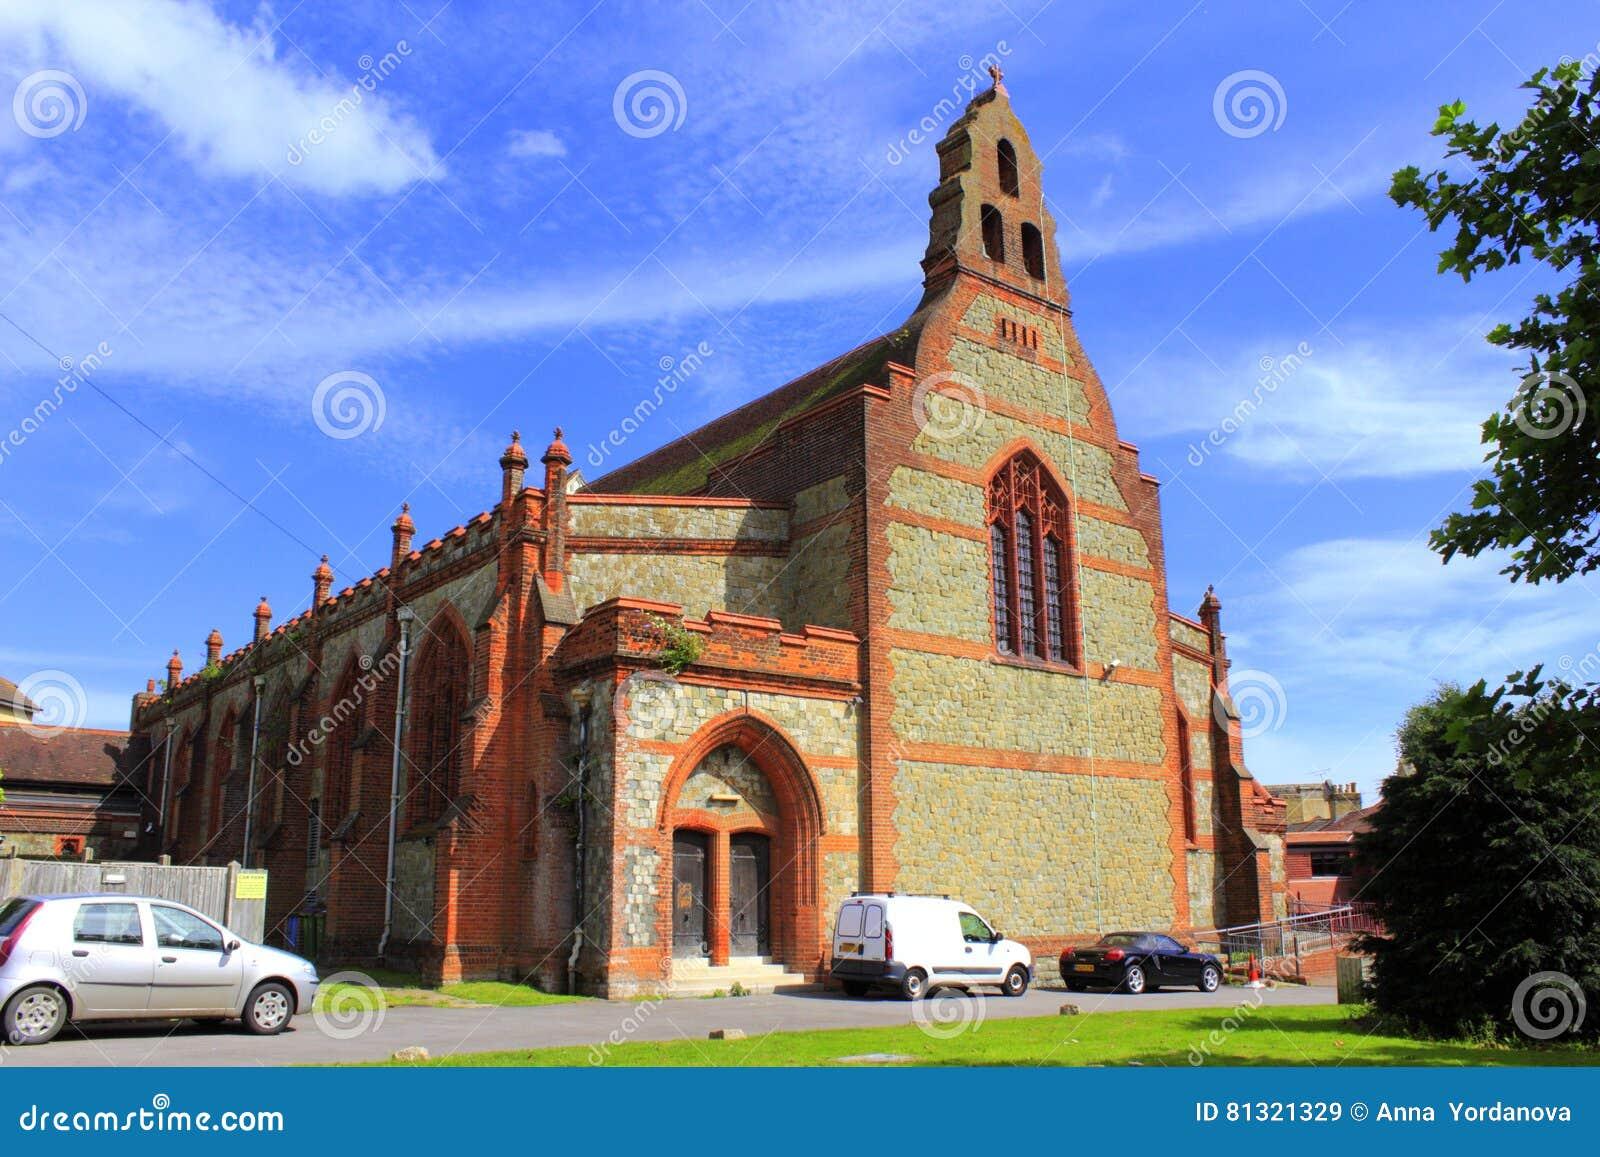 St.-Retter-Kirche Folkestone Kent United Kingdom